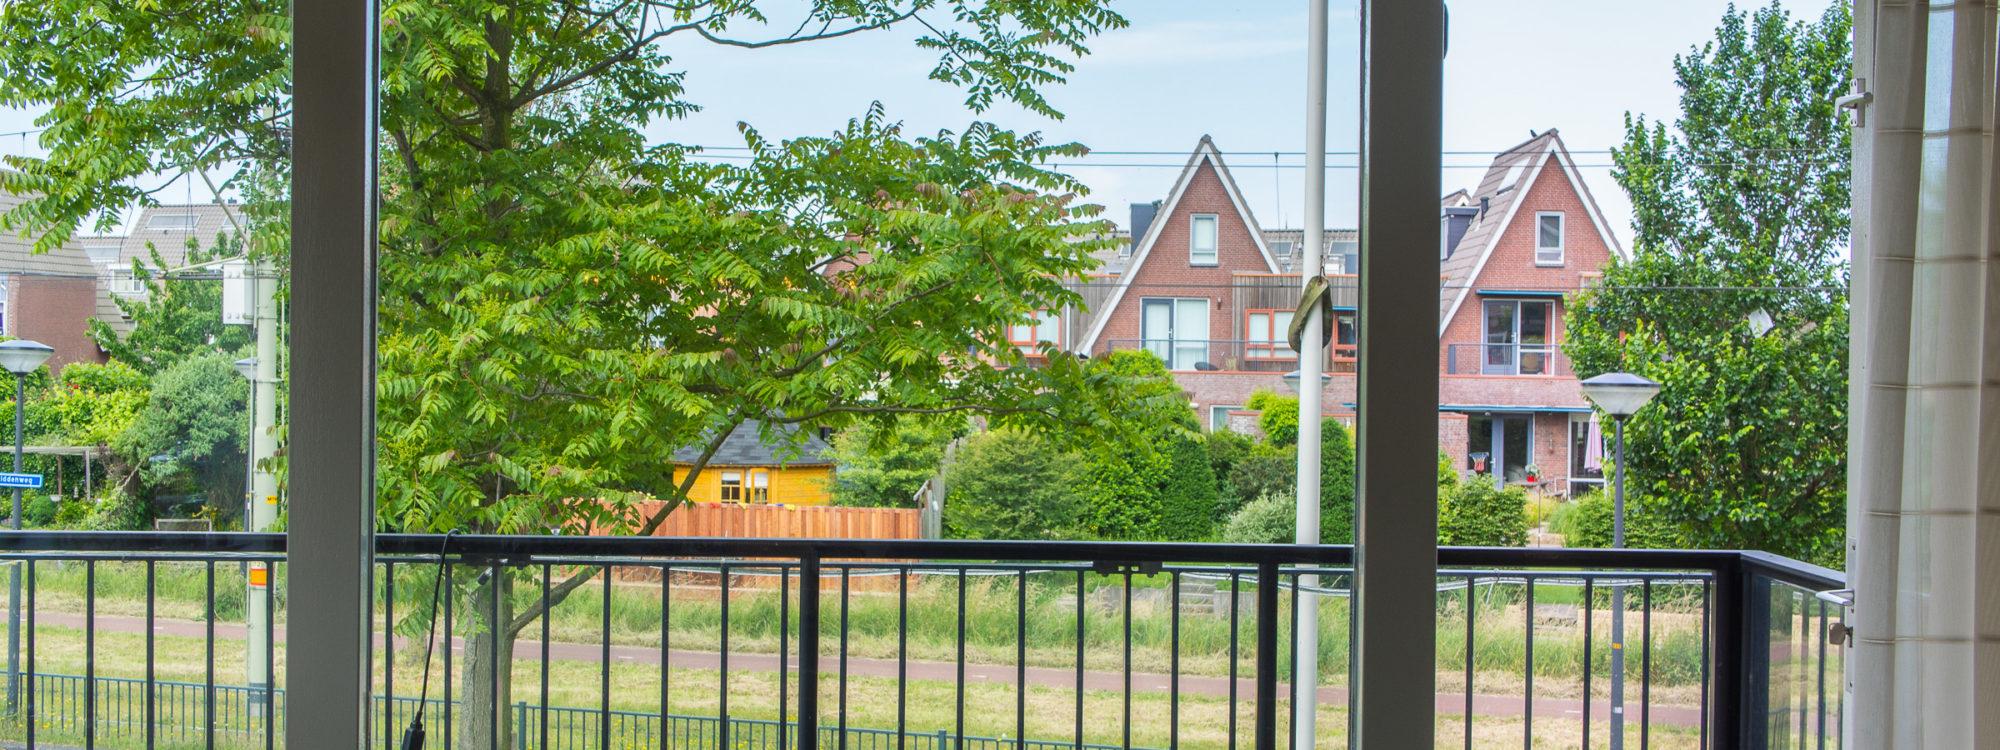 Fie Carelsenlaan 16, Den Haag (Wateringseveld)